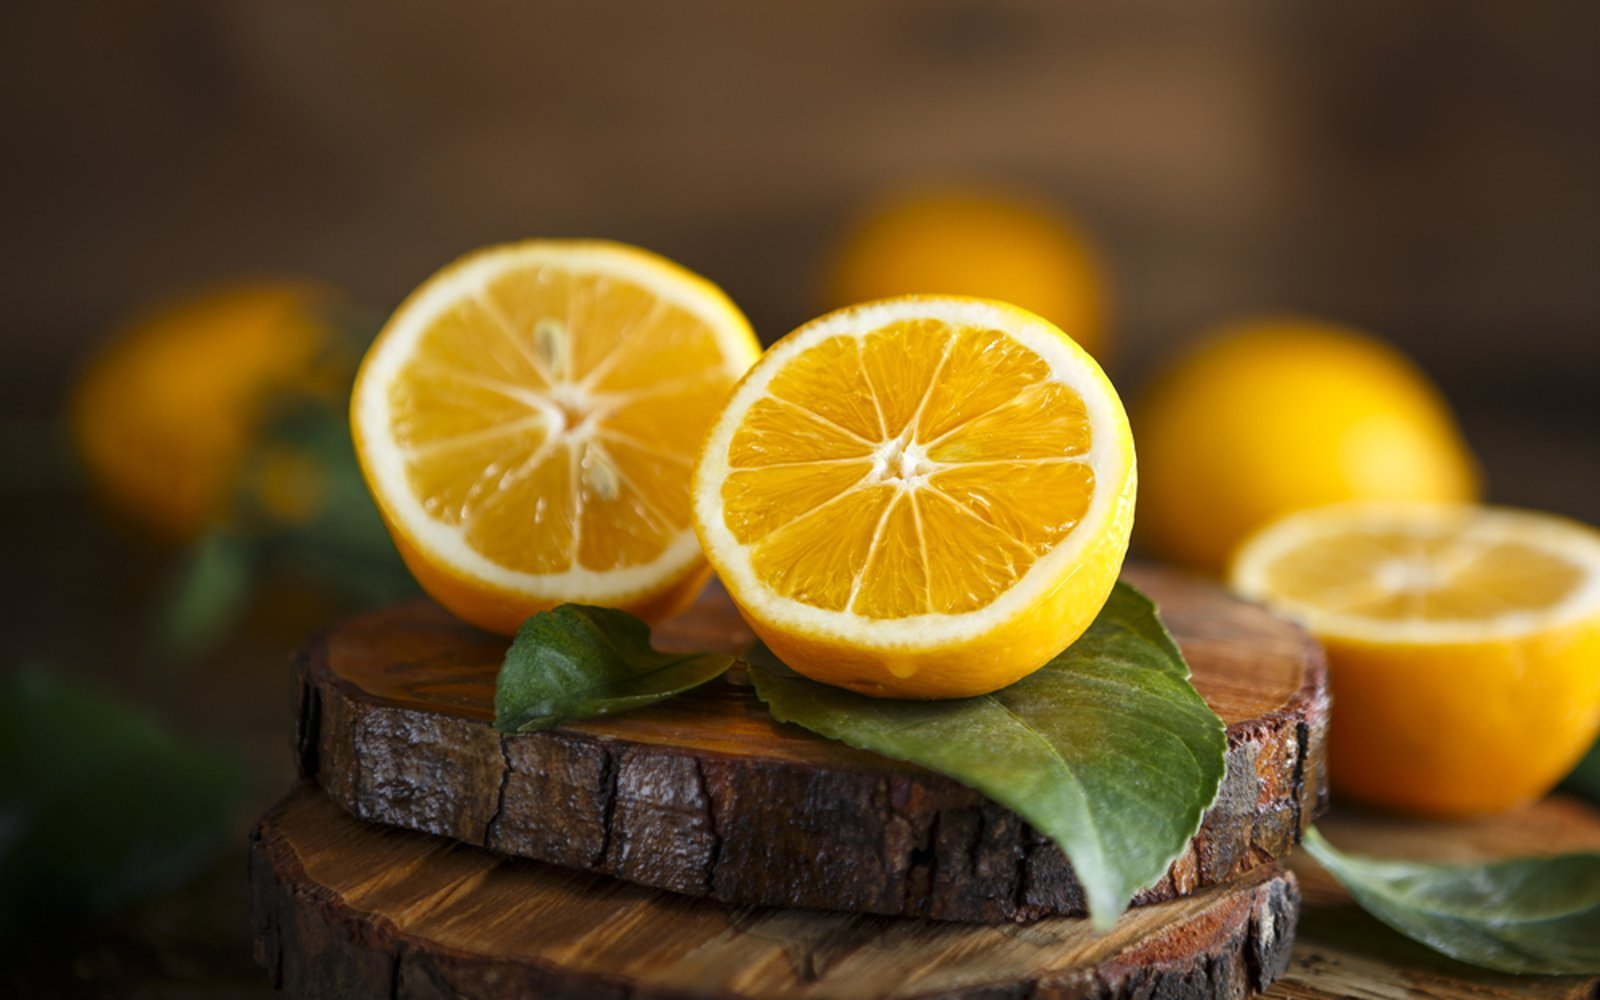 Đã đến lúc cần giải độc gan để bảo vệ sức khỏe và đây 9 loại thực phẩm dành cho bạn - Ảnh 9.